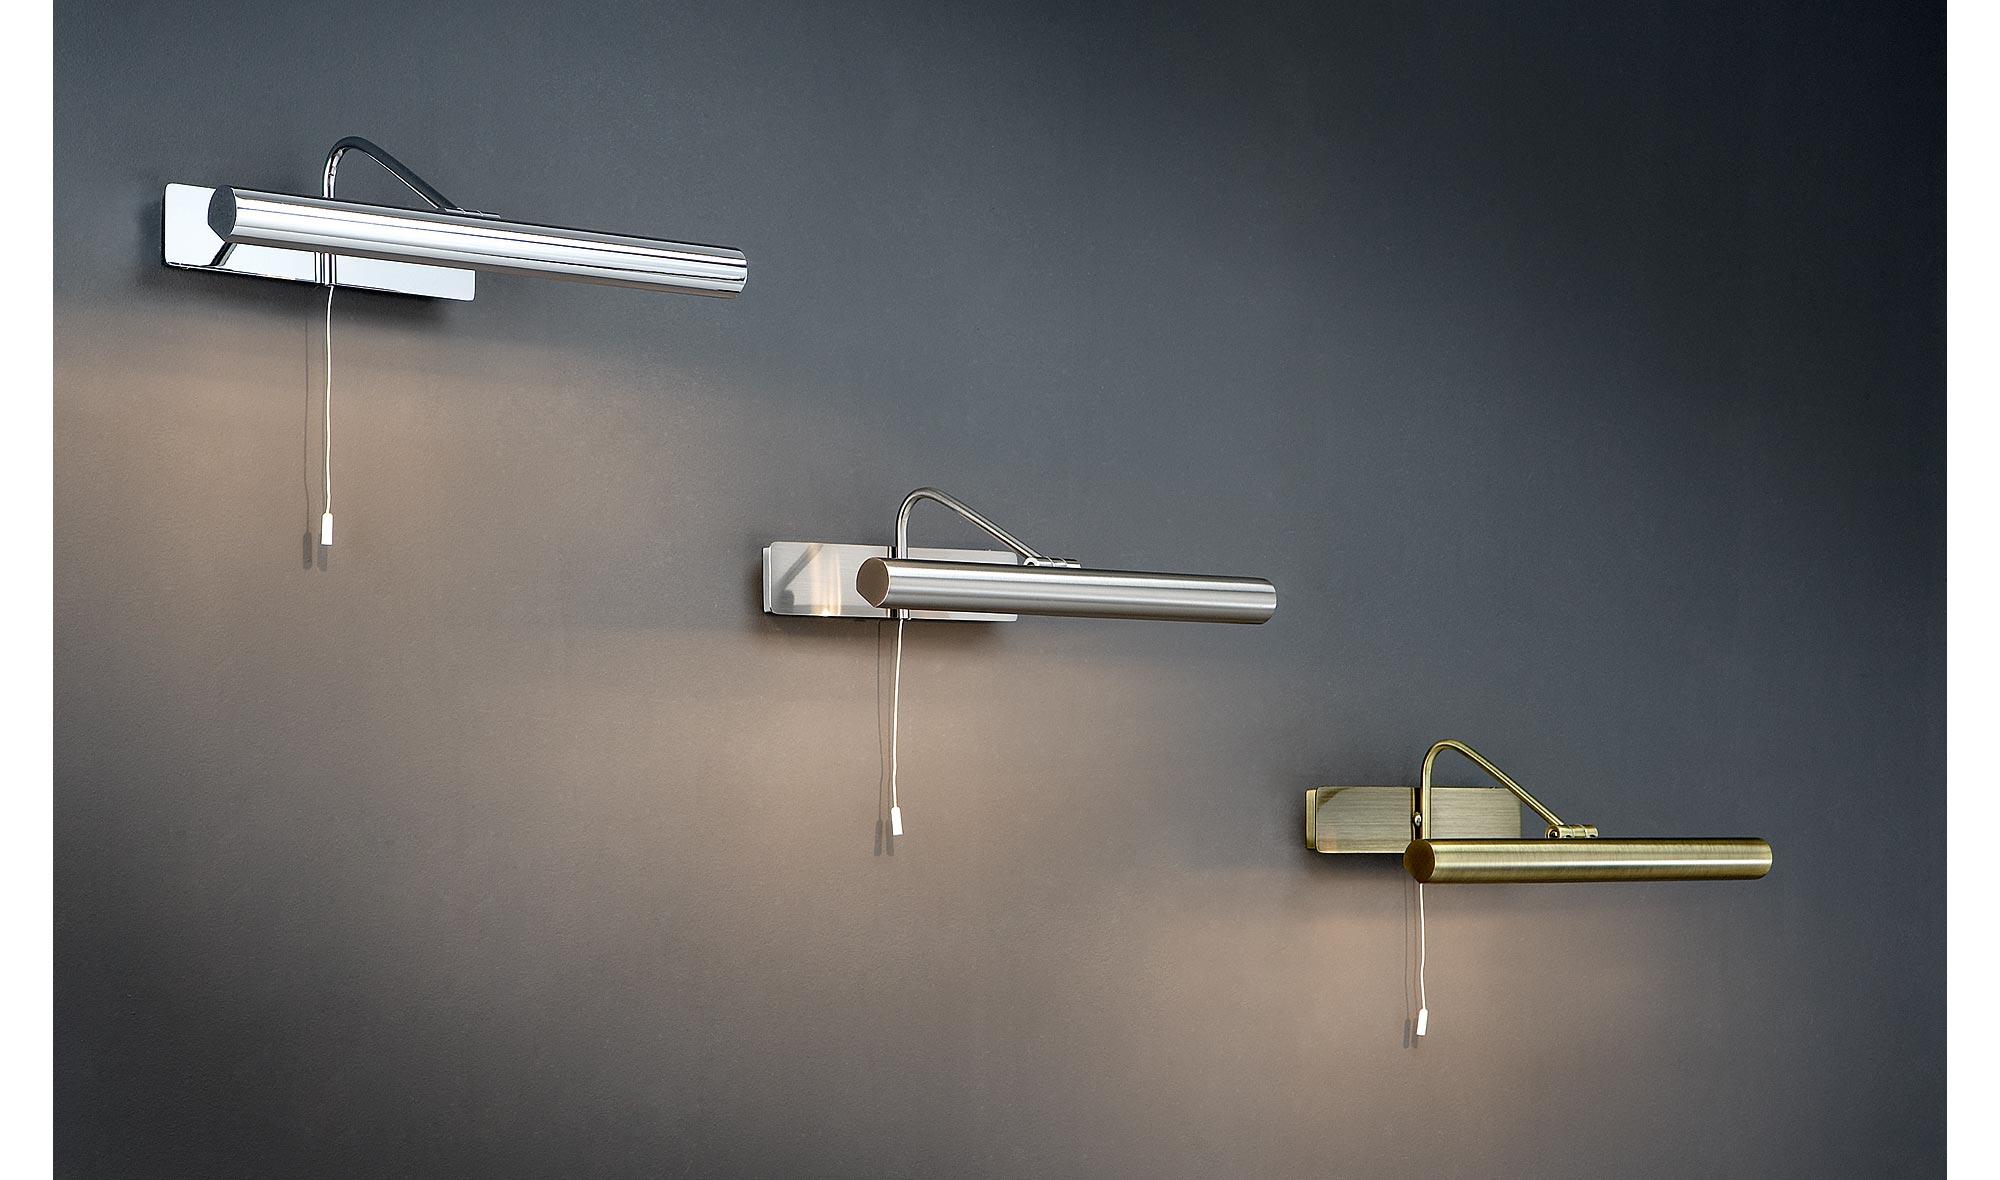 Aplique pared cuadro de bronce no disponible en - Apliques de bronce para muebles ...